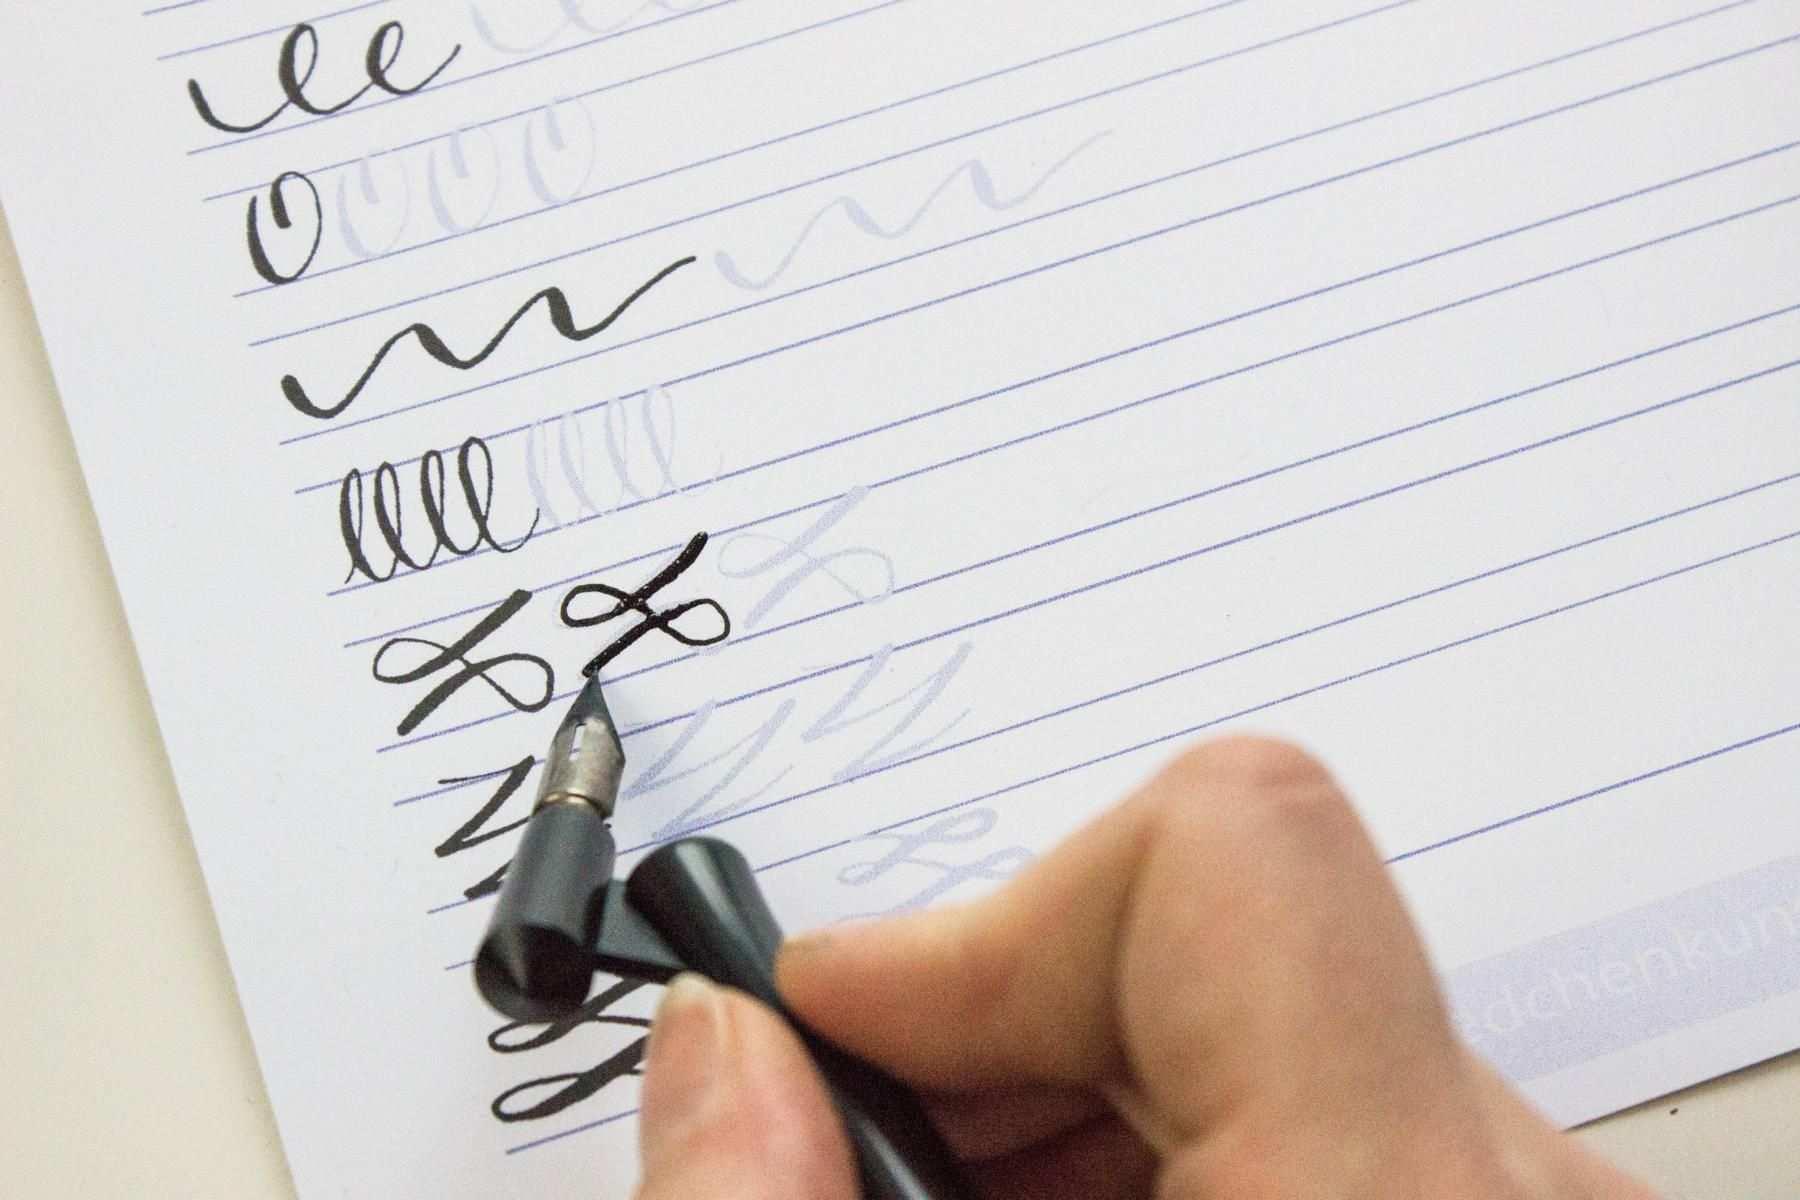 Kalligrafie Ubungsblatt Madchenkunst Kalligrafie Schriften Kostenlos Kalligraphie Schrift